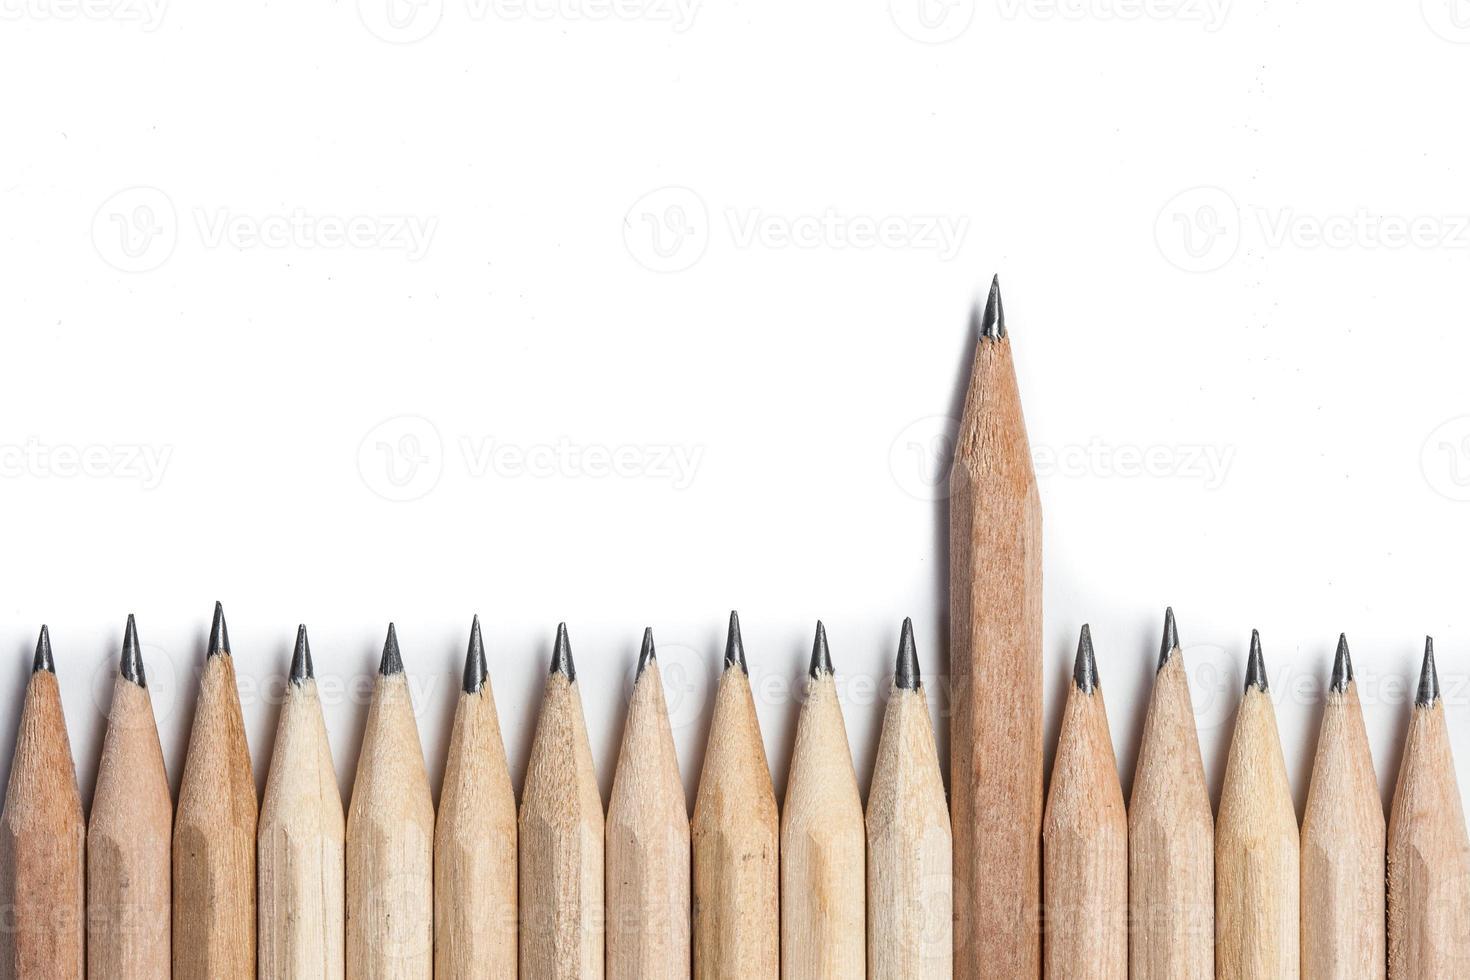 una matita di legno in piedi fuori dalla fila foto